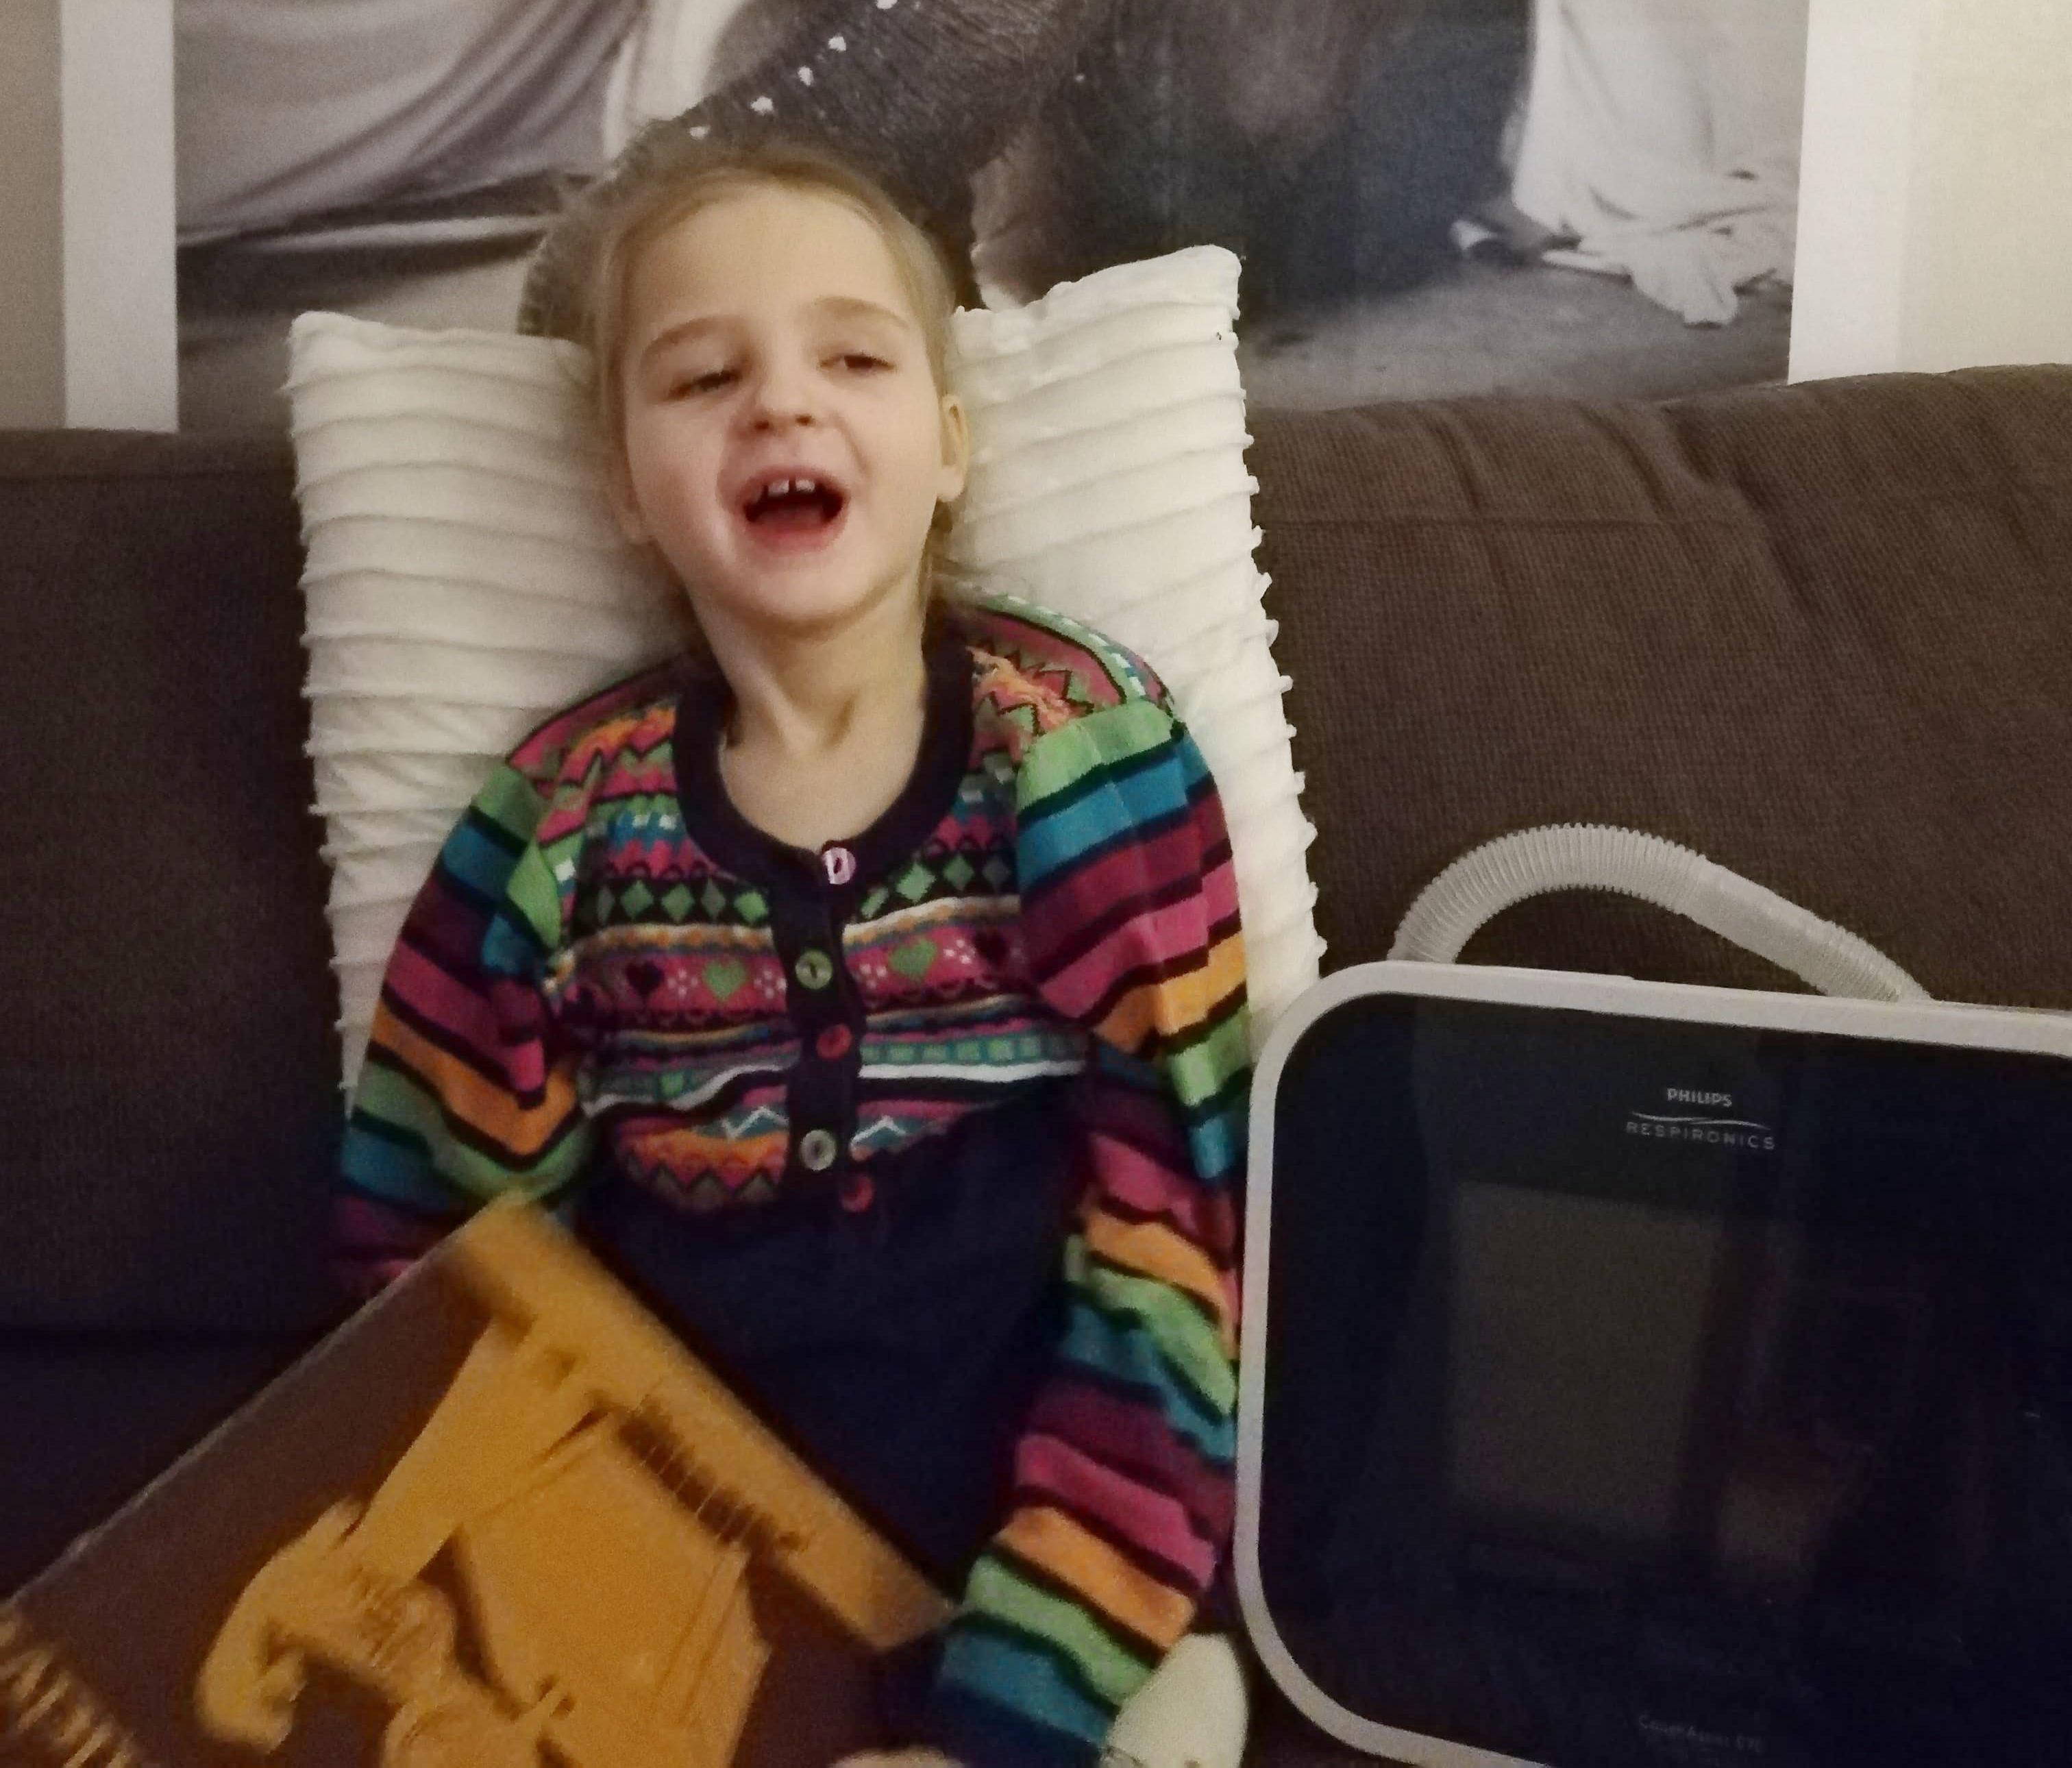 Vapper seitsmeaastane Elly võitles end elule tagasi ning sai tänu heade inimeste abiga kodusele ravile